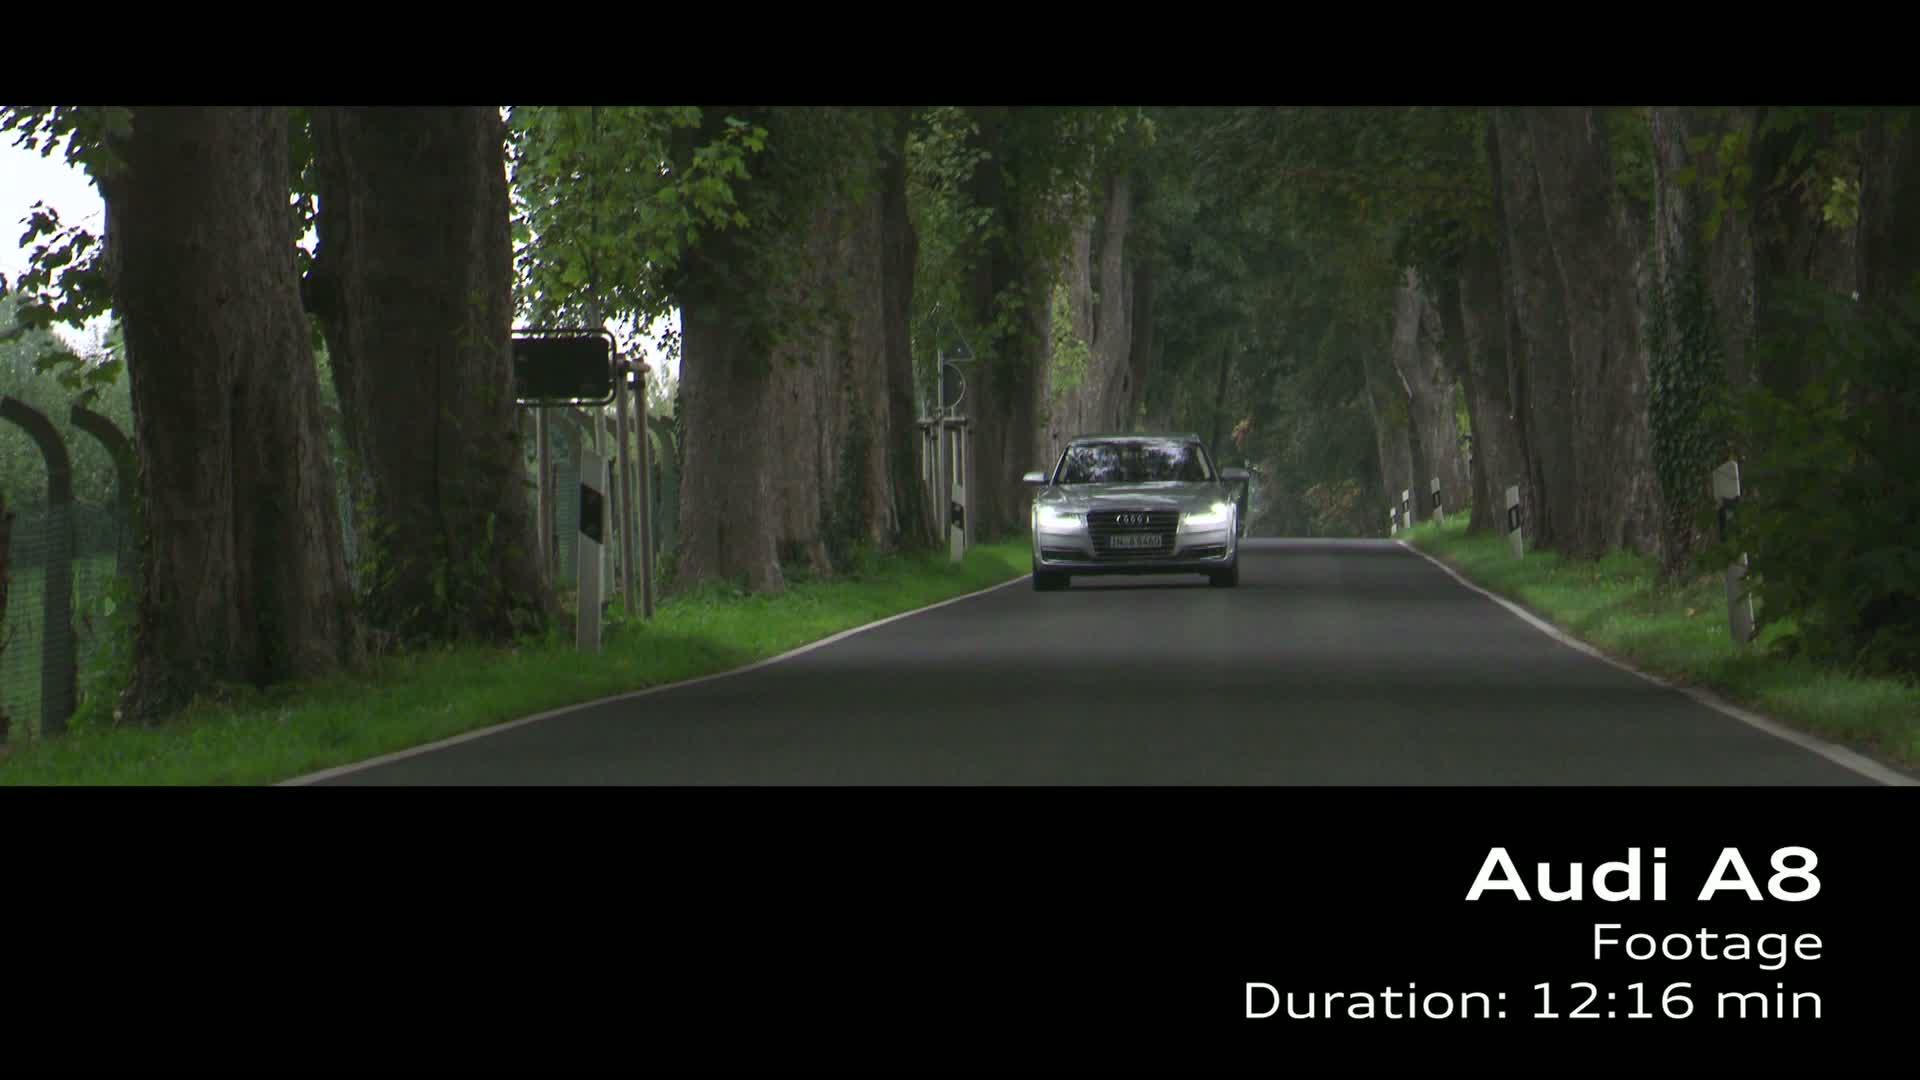 Audi A8 - Footage